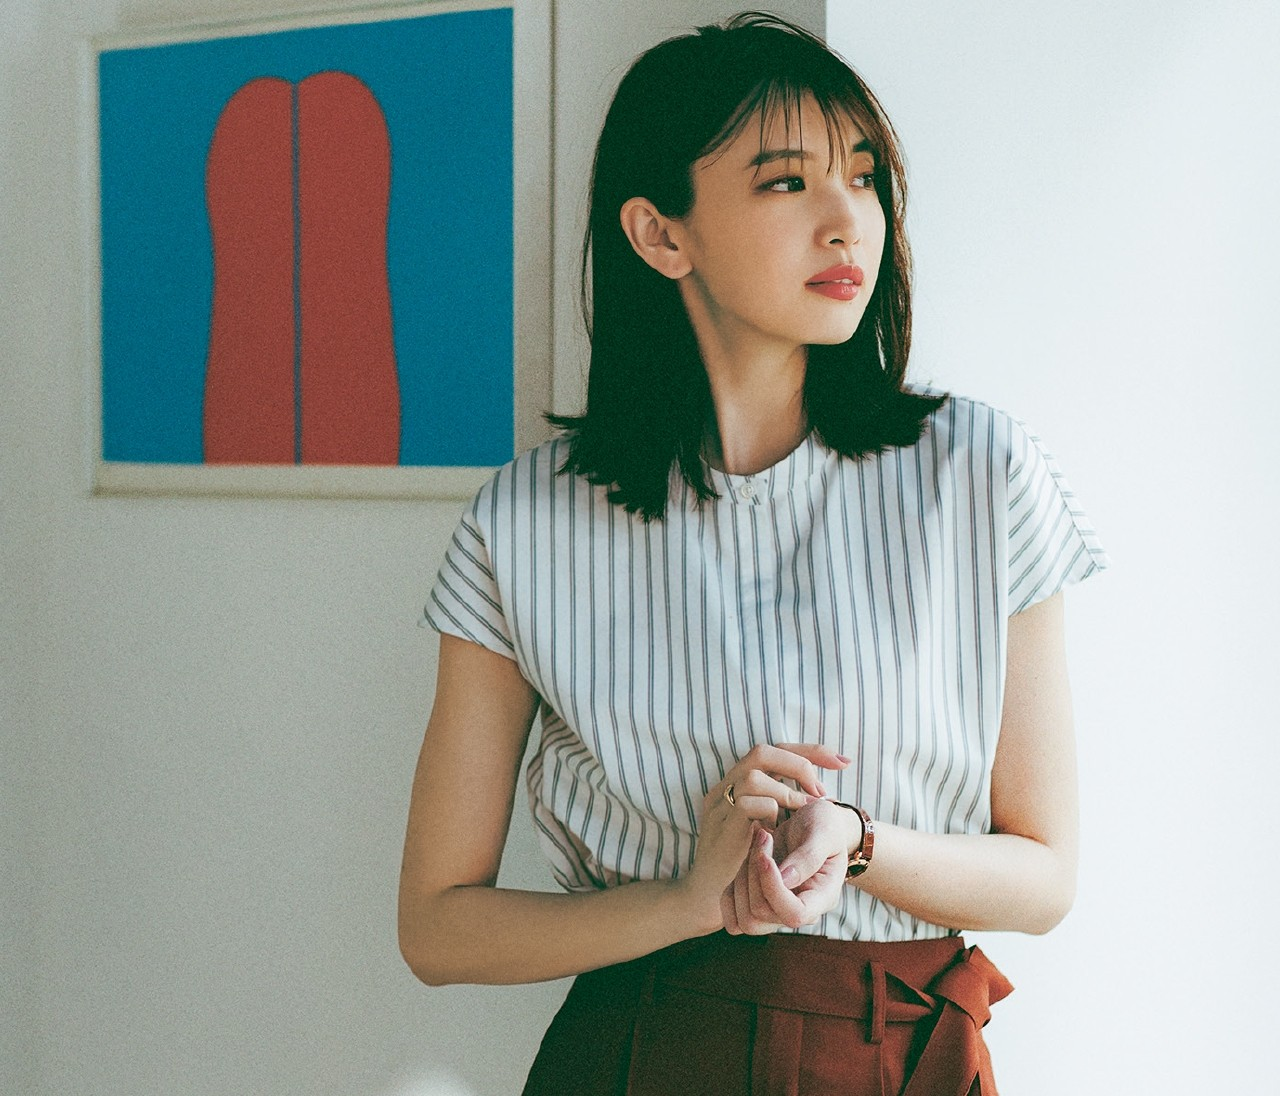 【30代女性の働くおウチ服】リモート会議の日はバンドカラーシャツ&袖コンブラウスで印象アップ♡